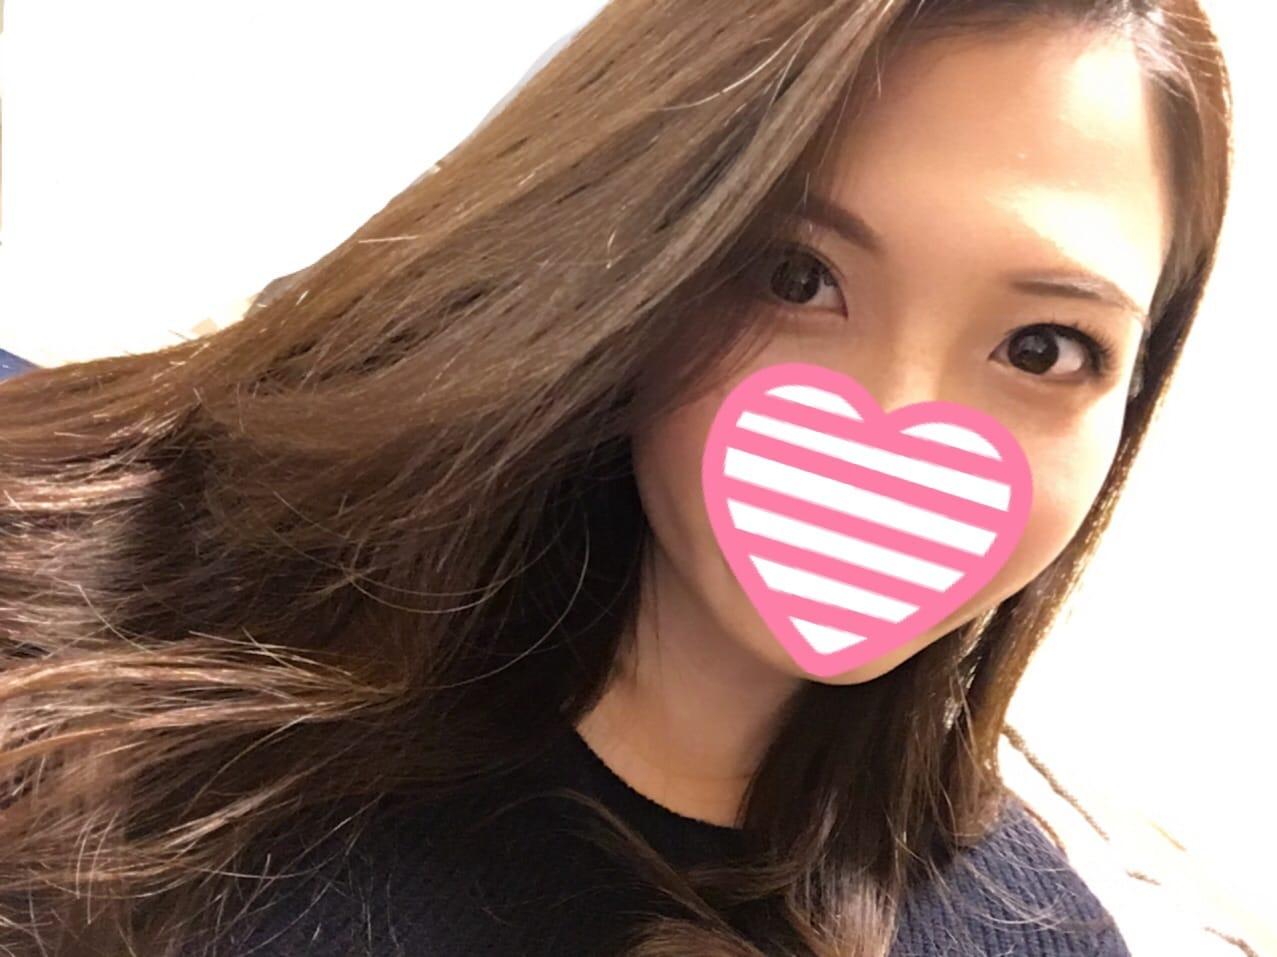 ひまり「♡」12/16(土) 23:20 | ひまりの写メ・風俗動画